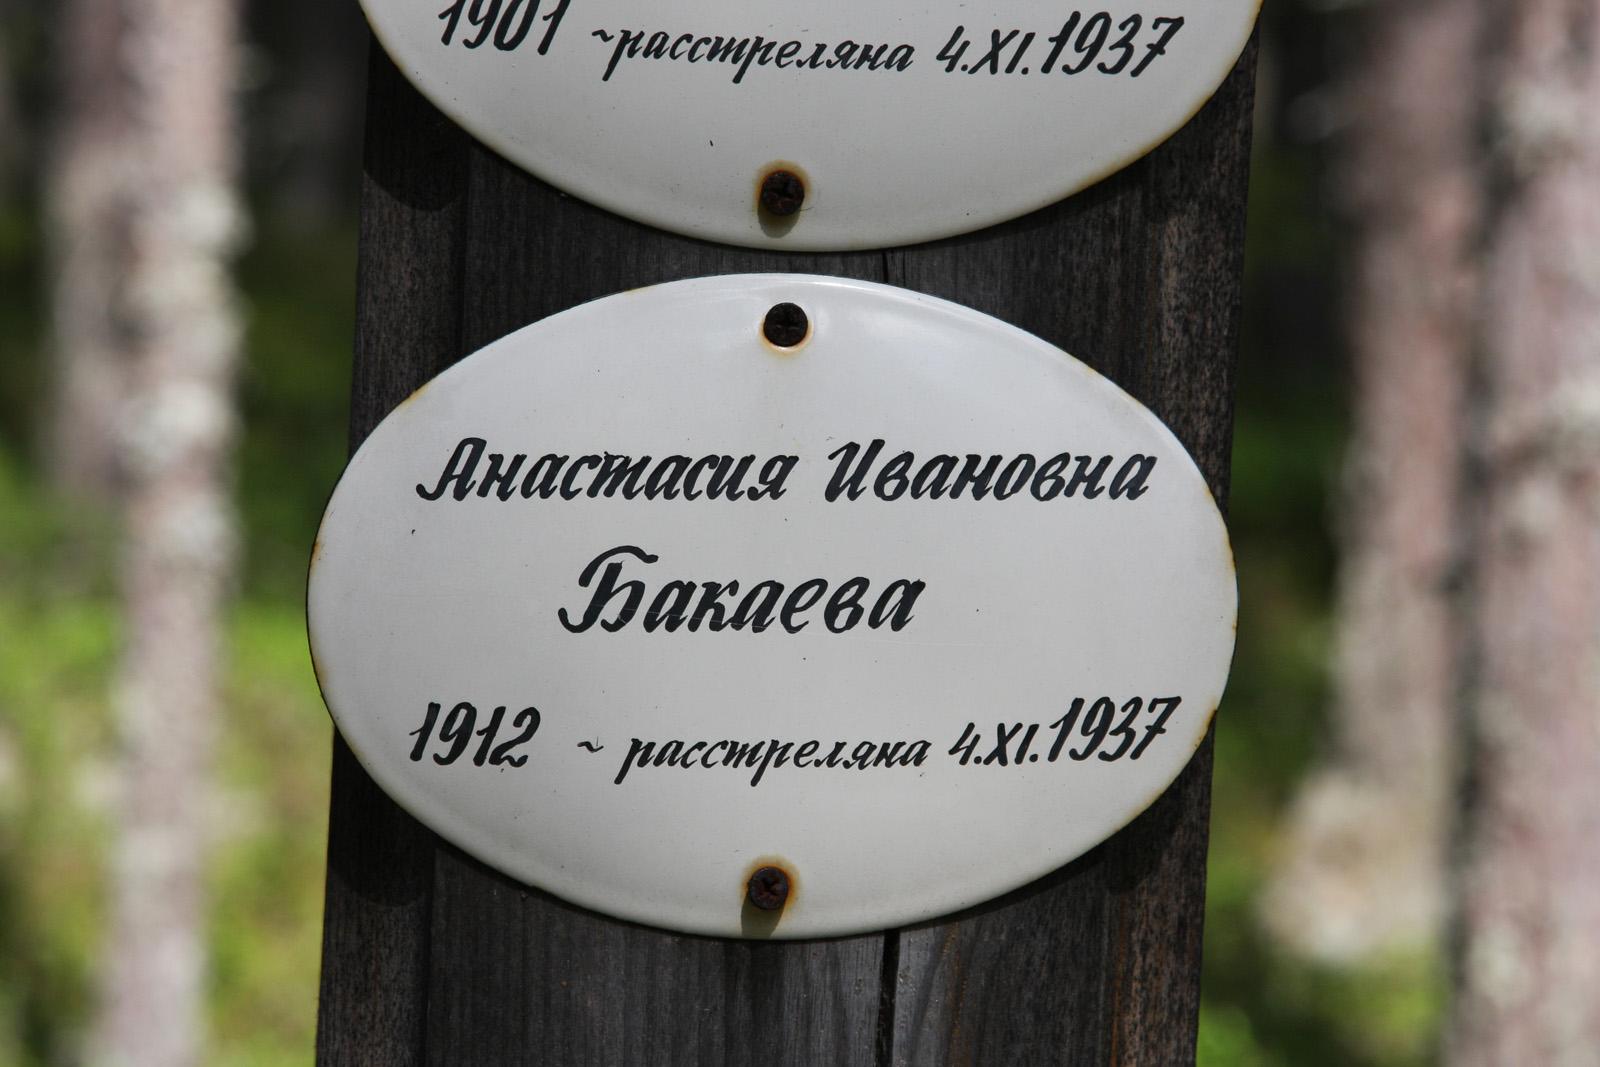 Памятная табличка Анастасии Ивановне Бакаевой. Фото 4.08.2011